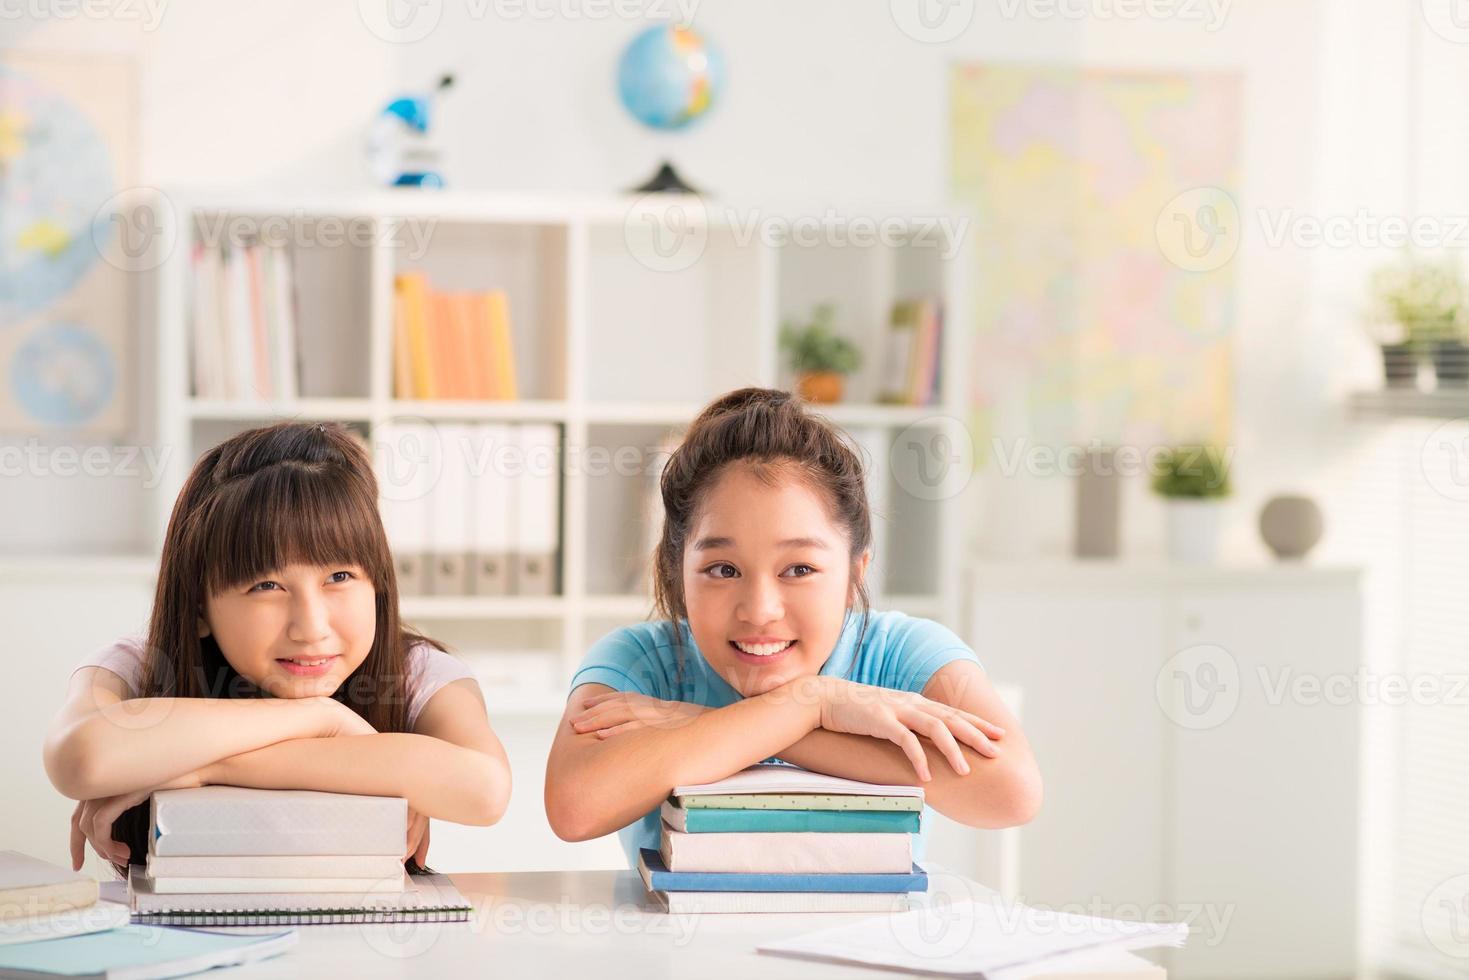 Vietnamese schoolmeisjes foto